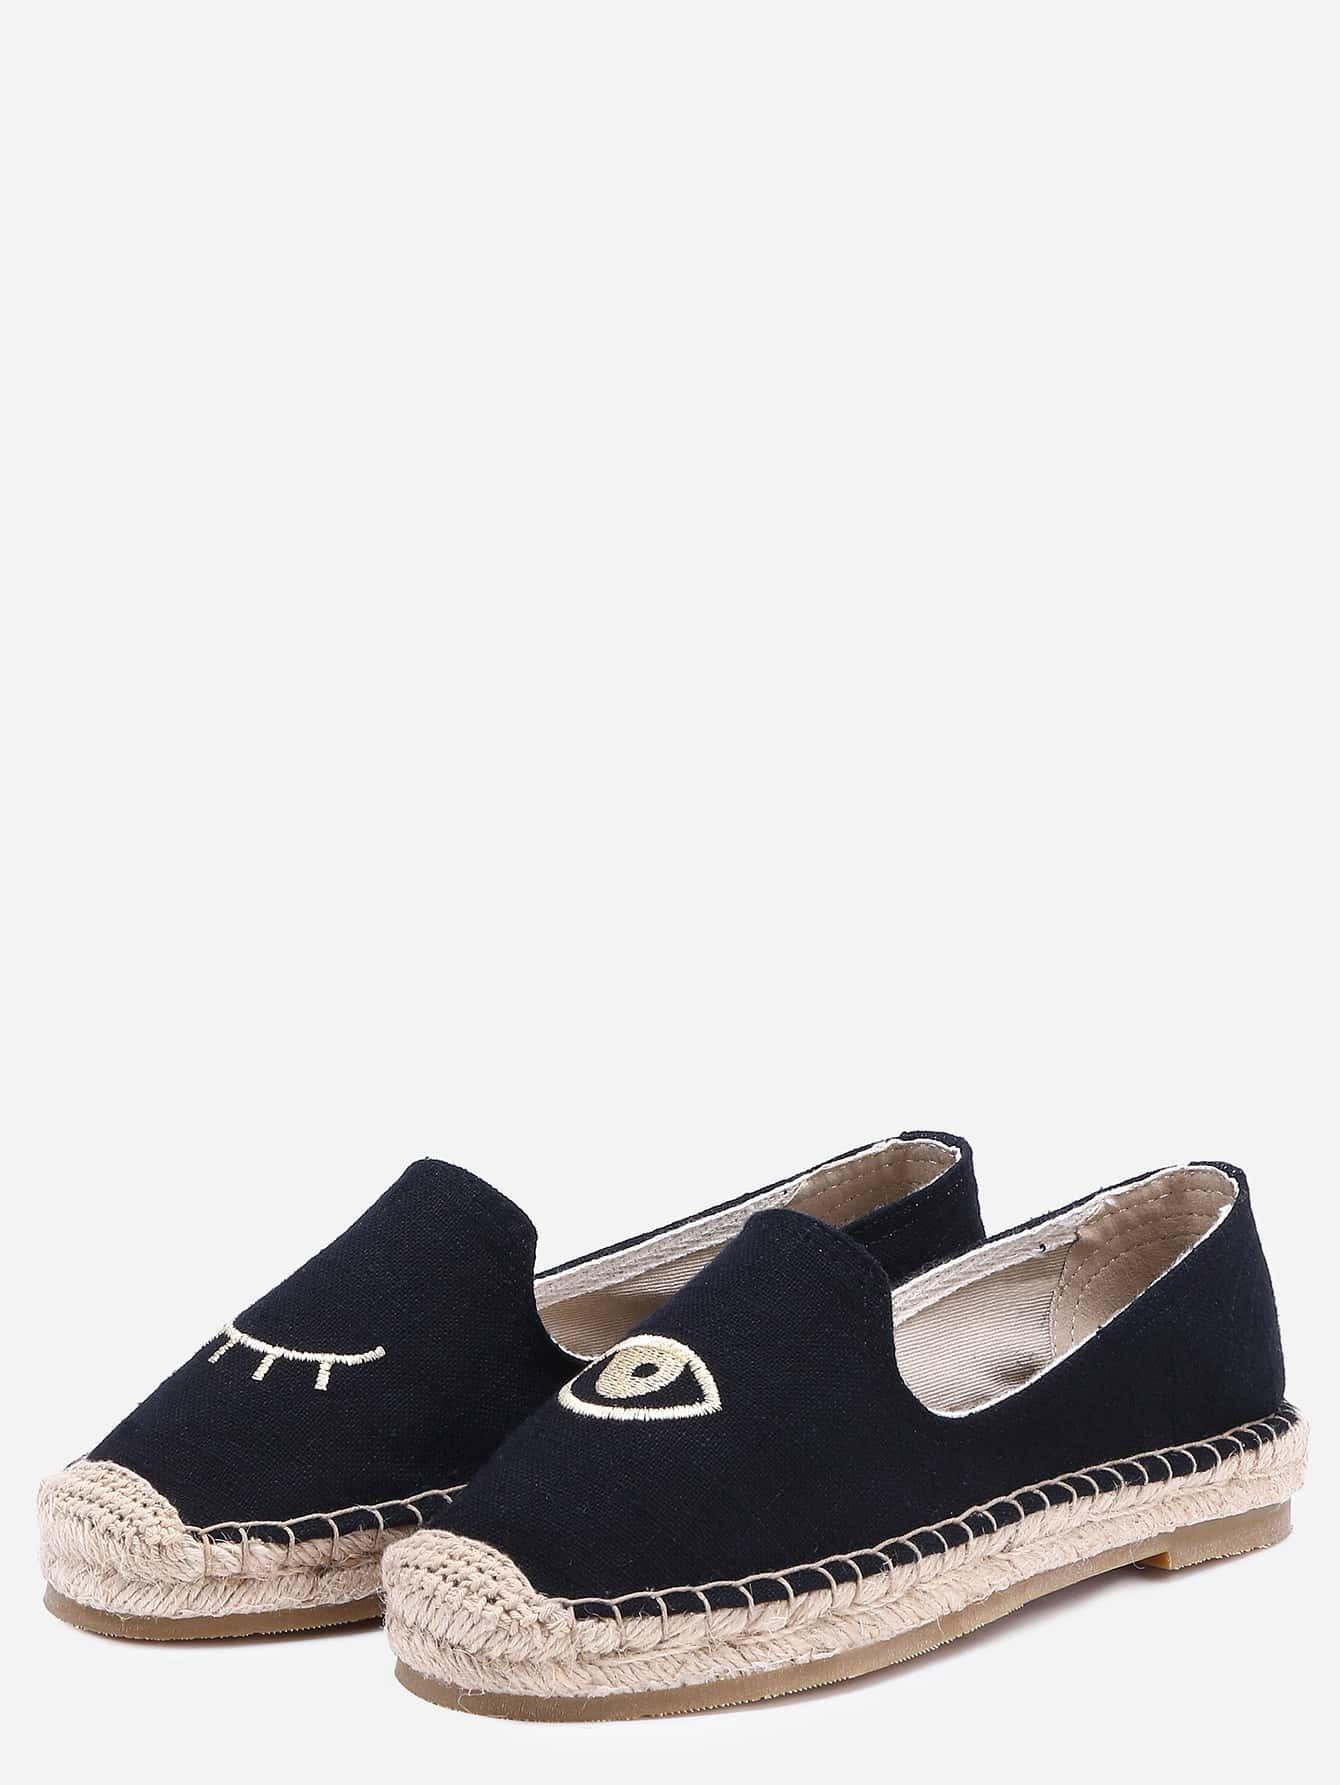 shoes160824804_2